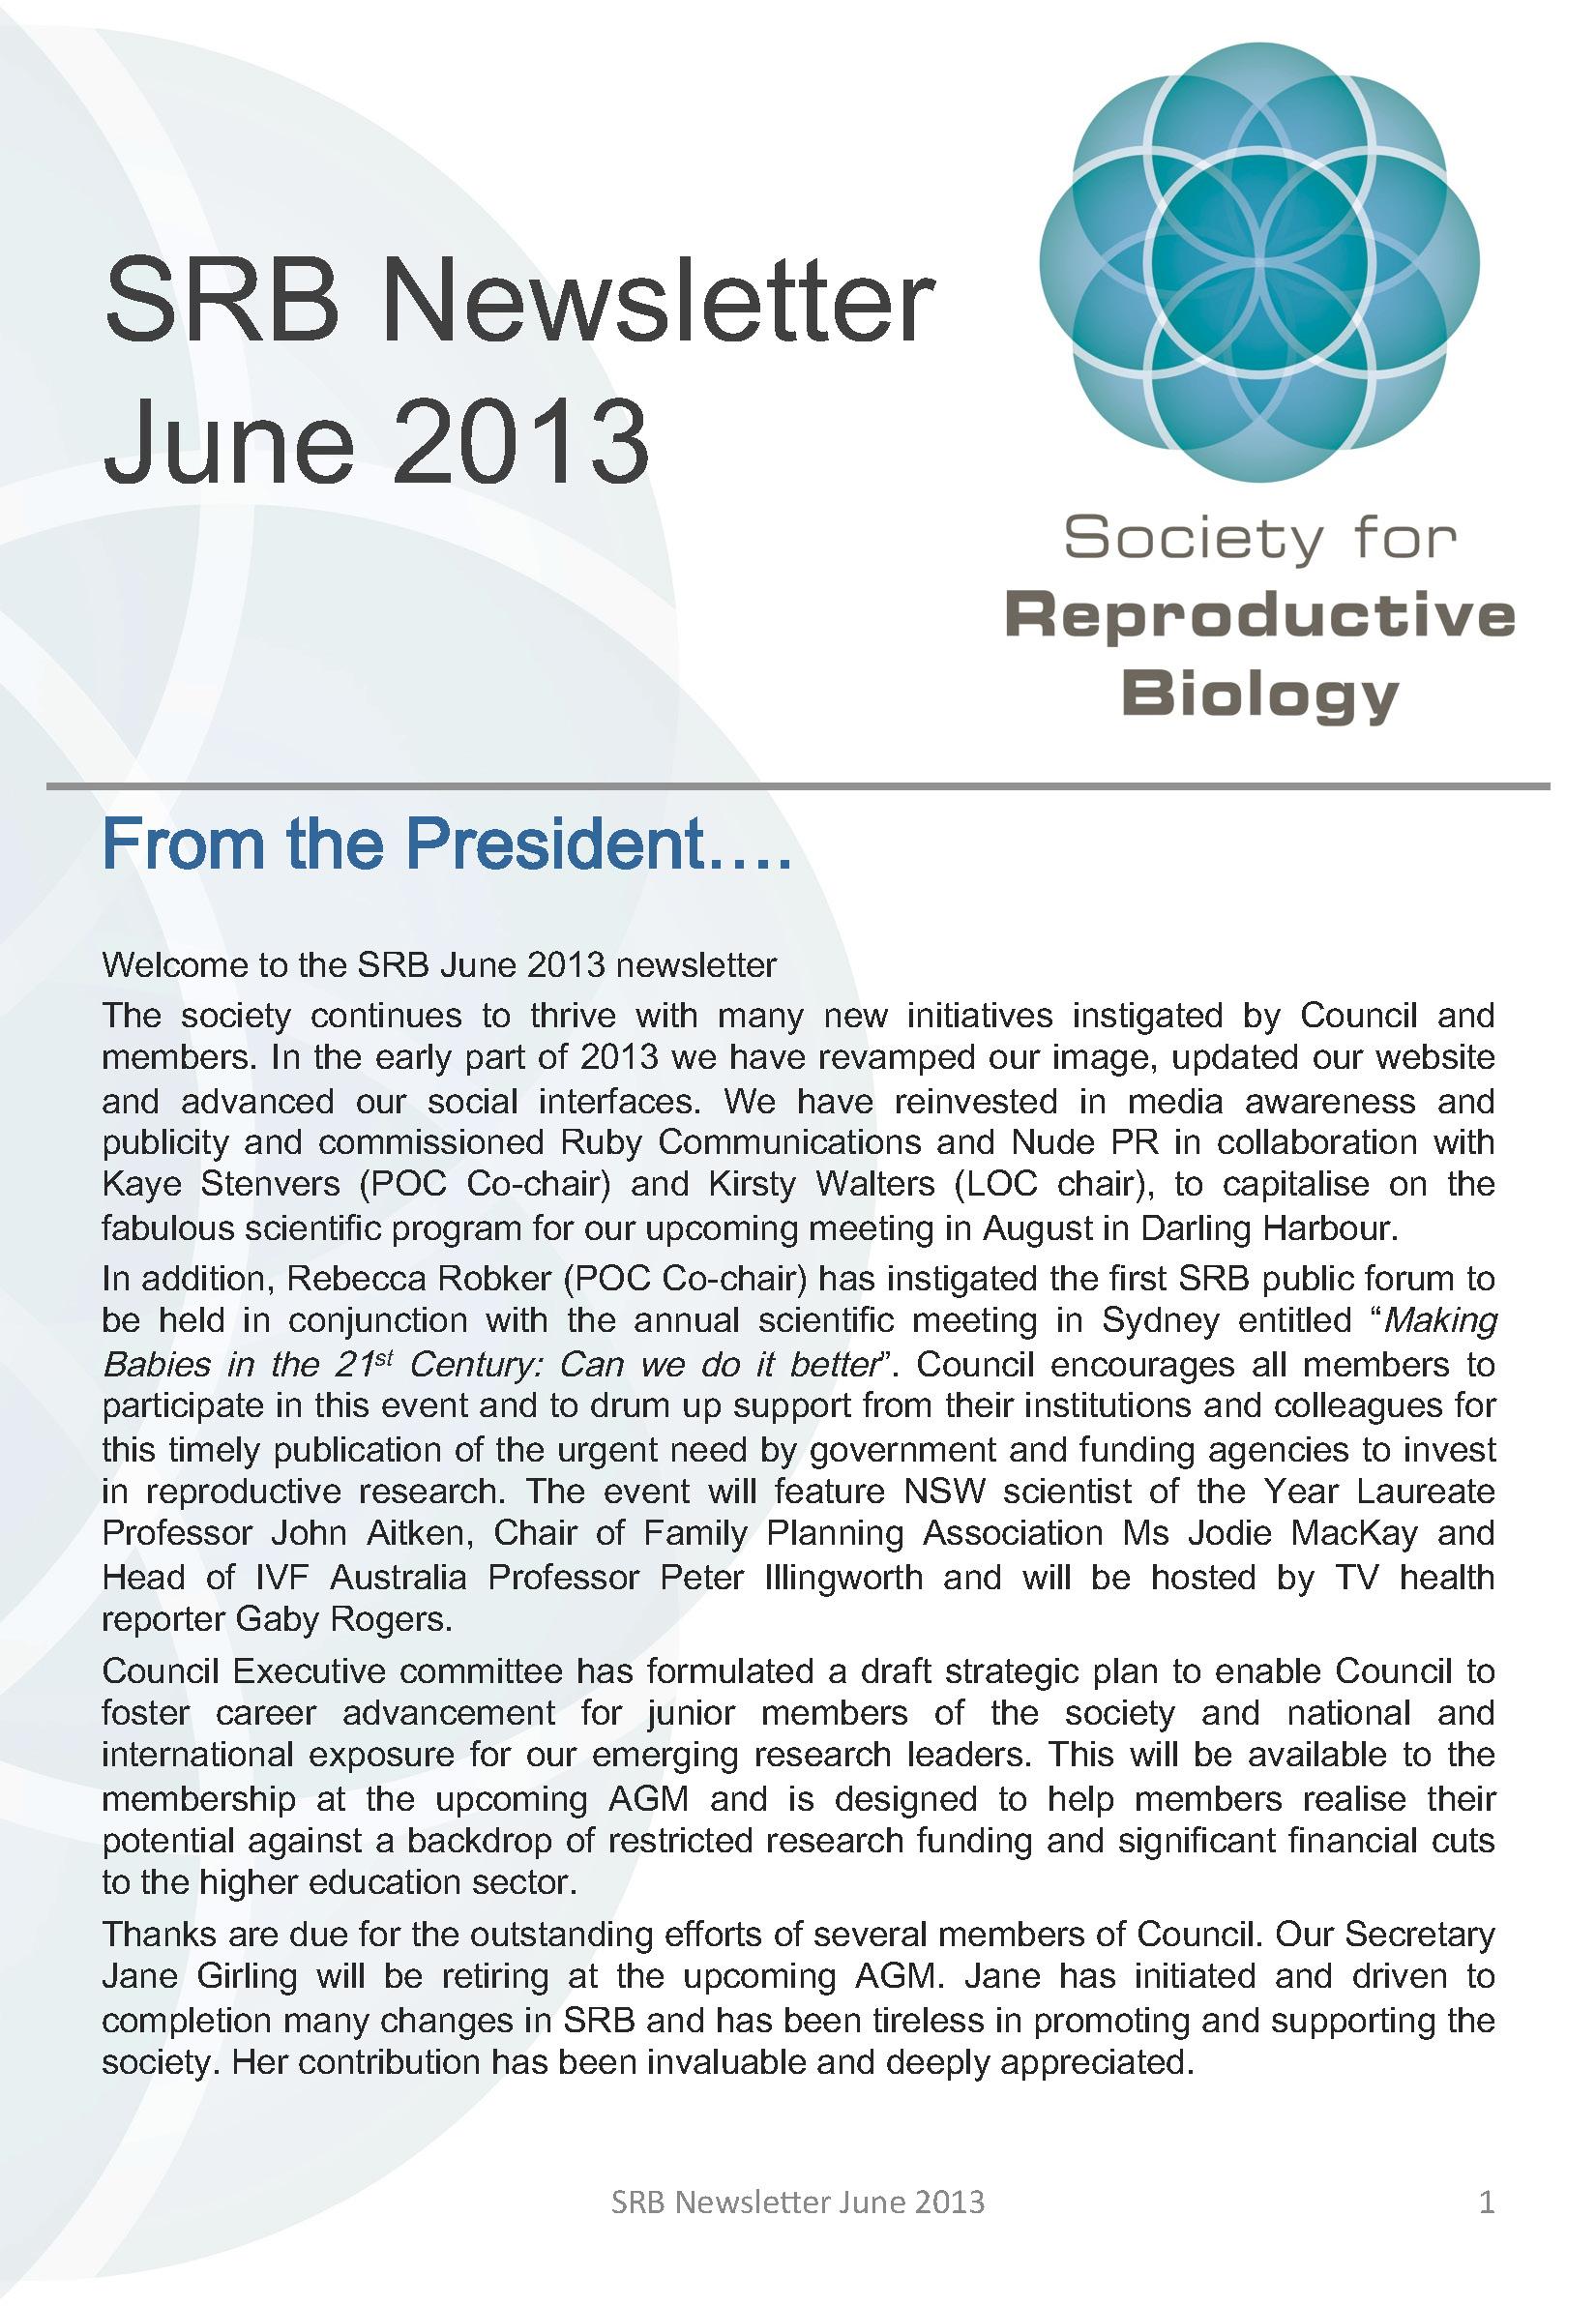 SRB-Newsletter-June-2013-1_Page_01.jpg